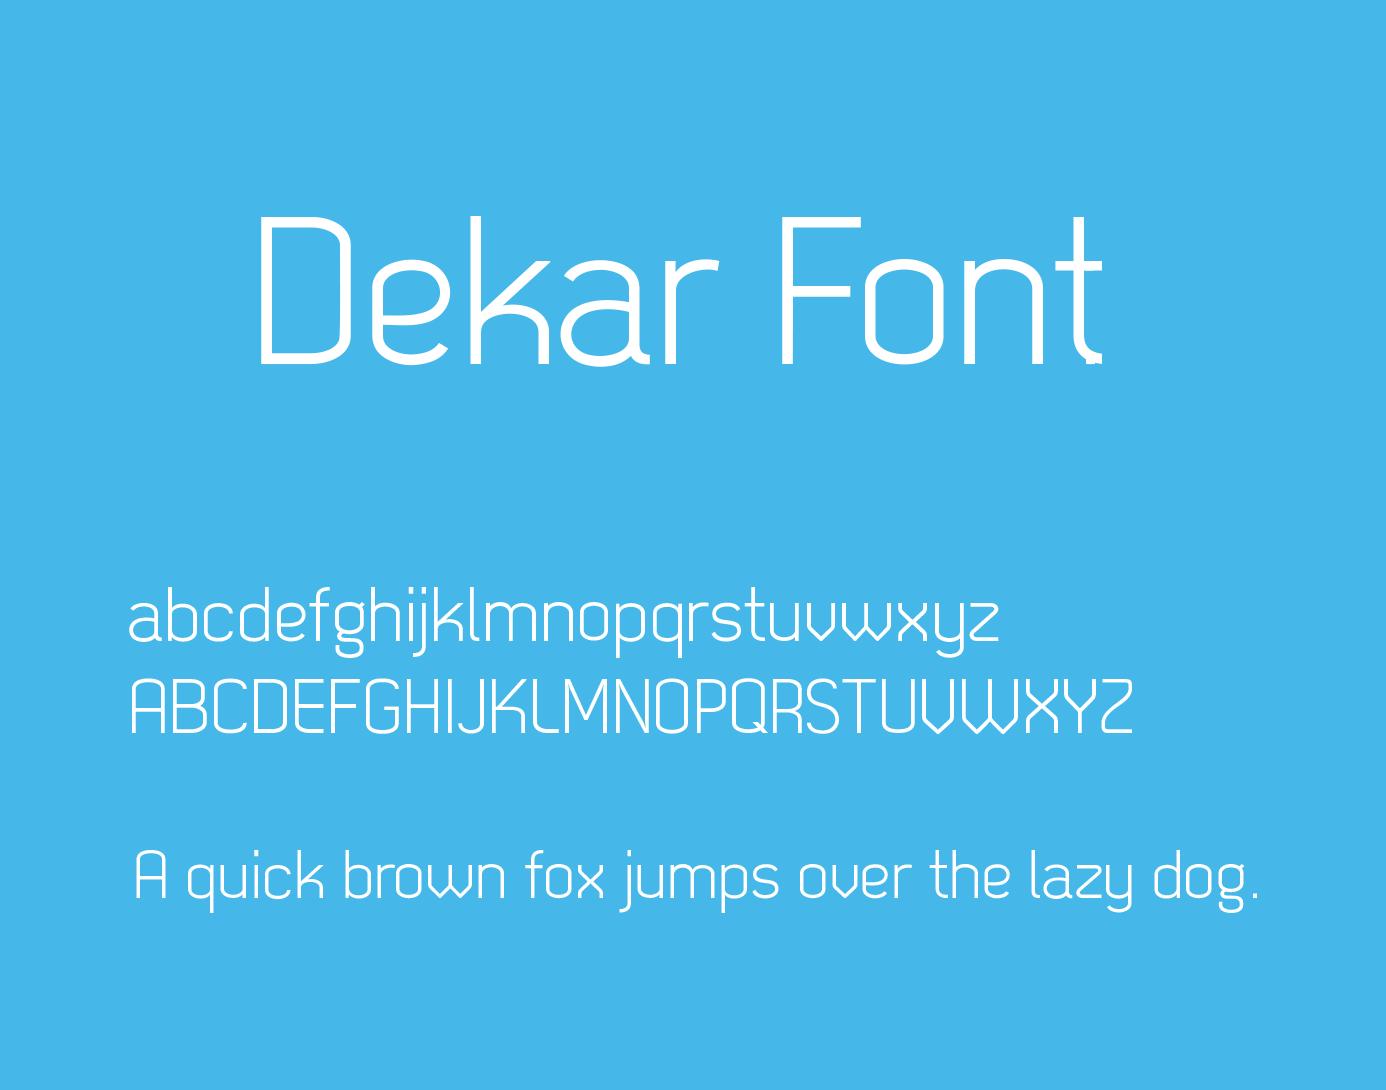 dekar-font